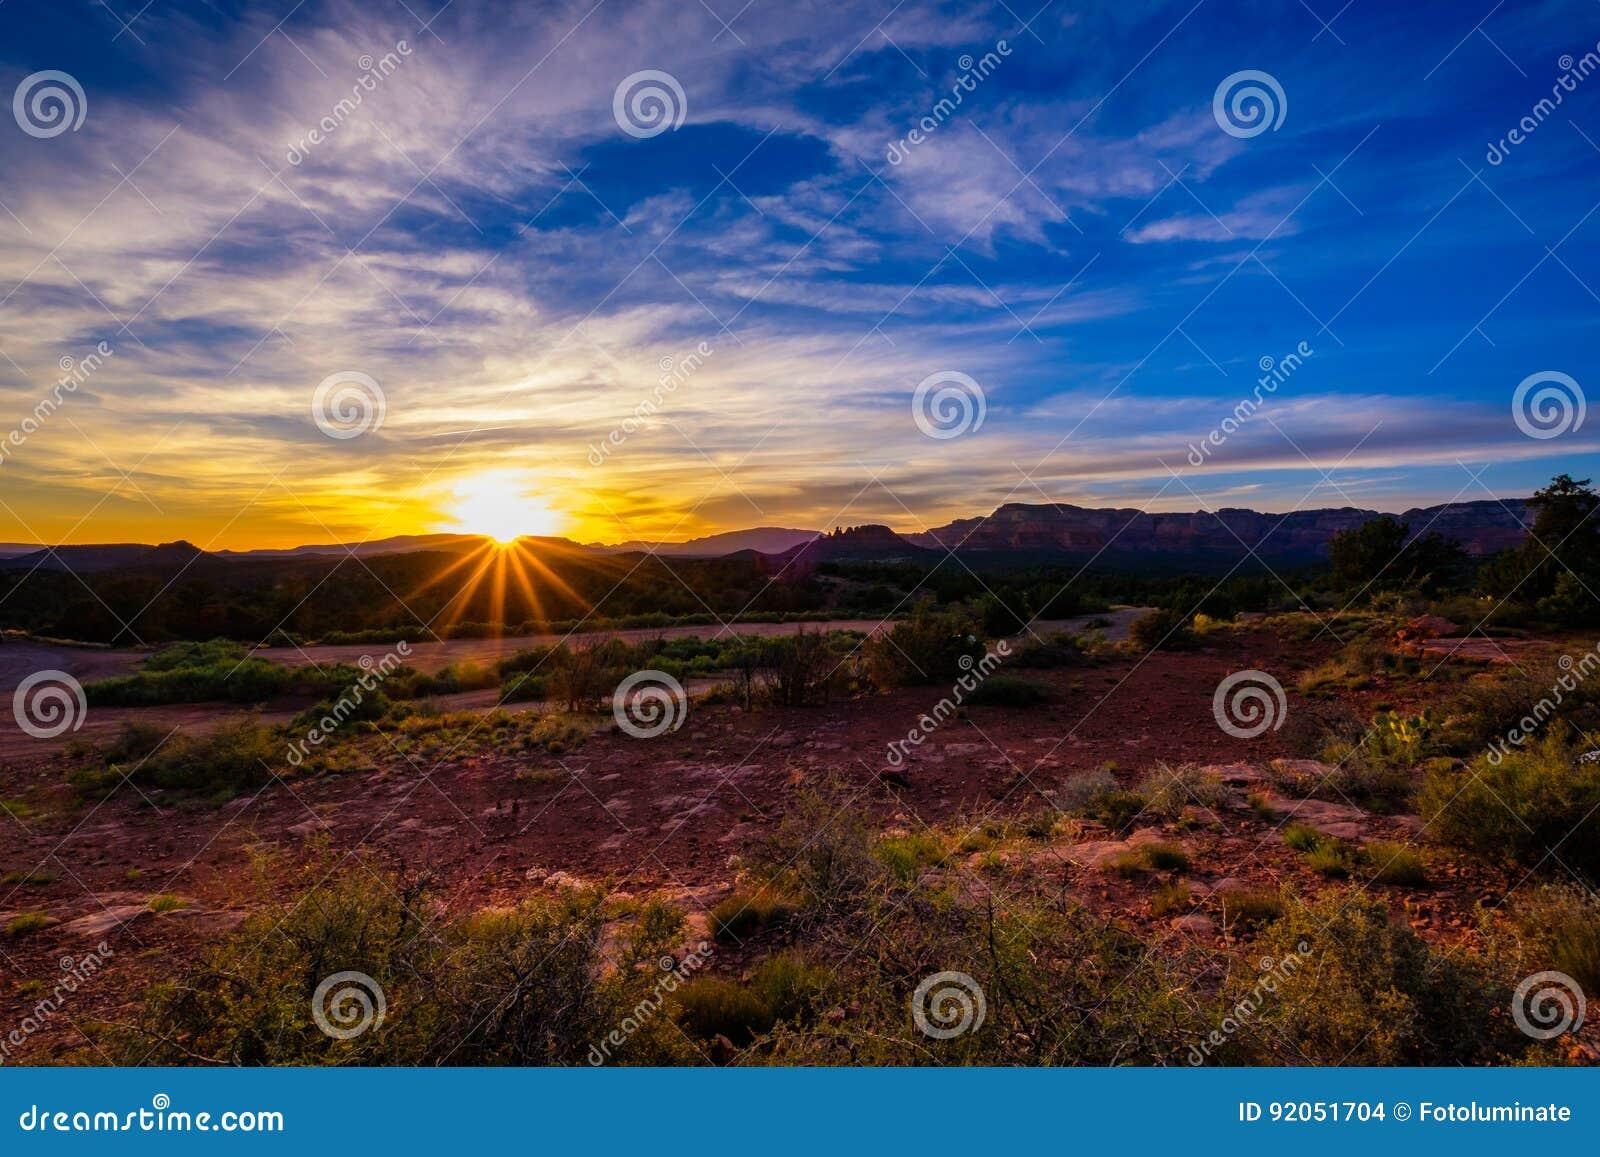 Beautiful Sedona Sunset